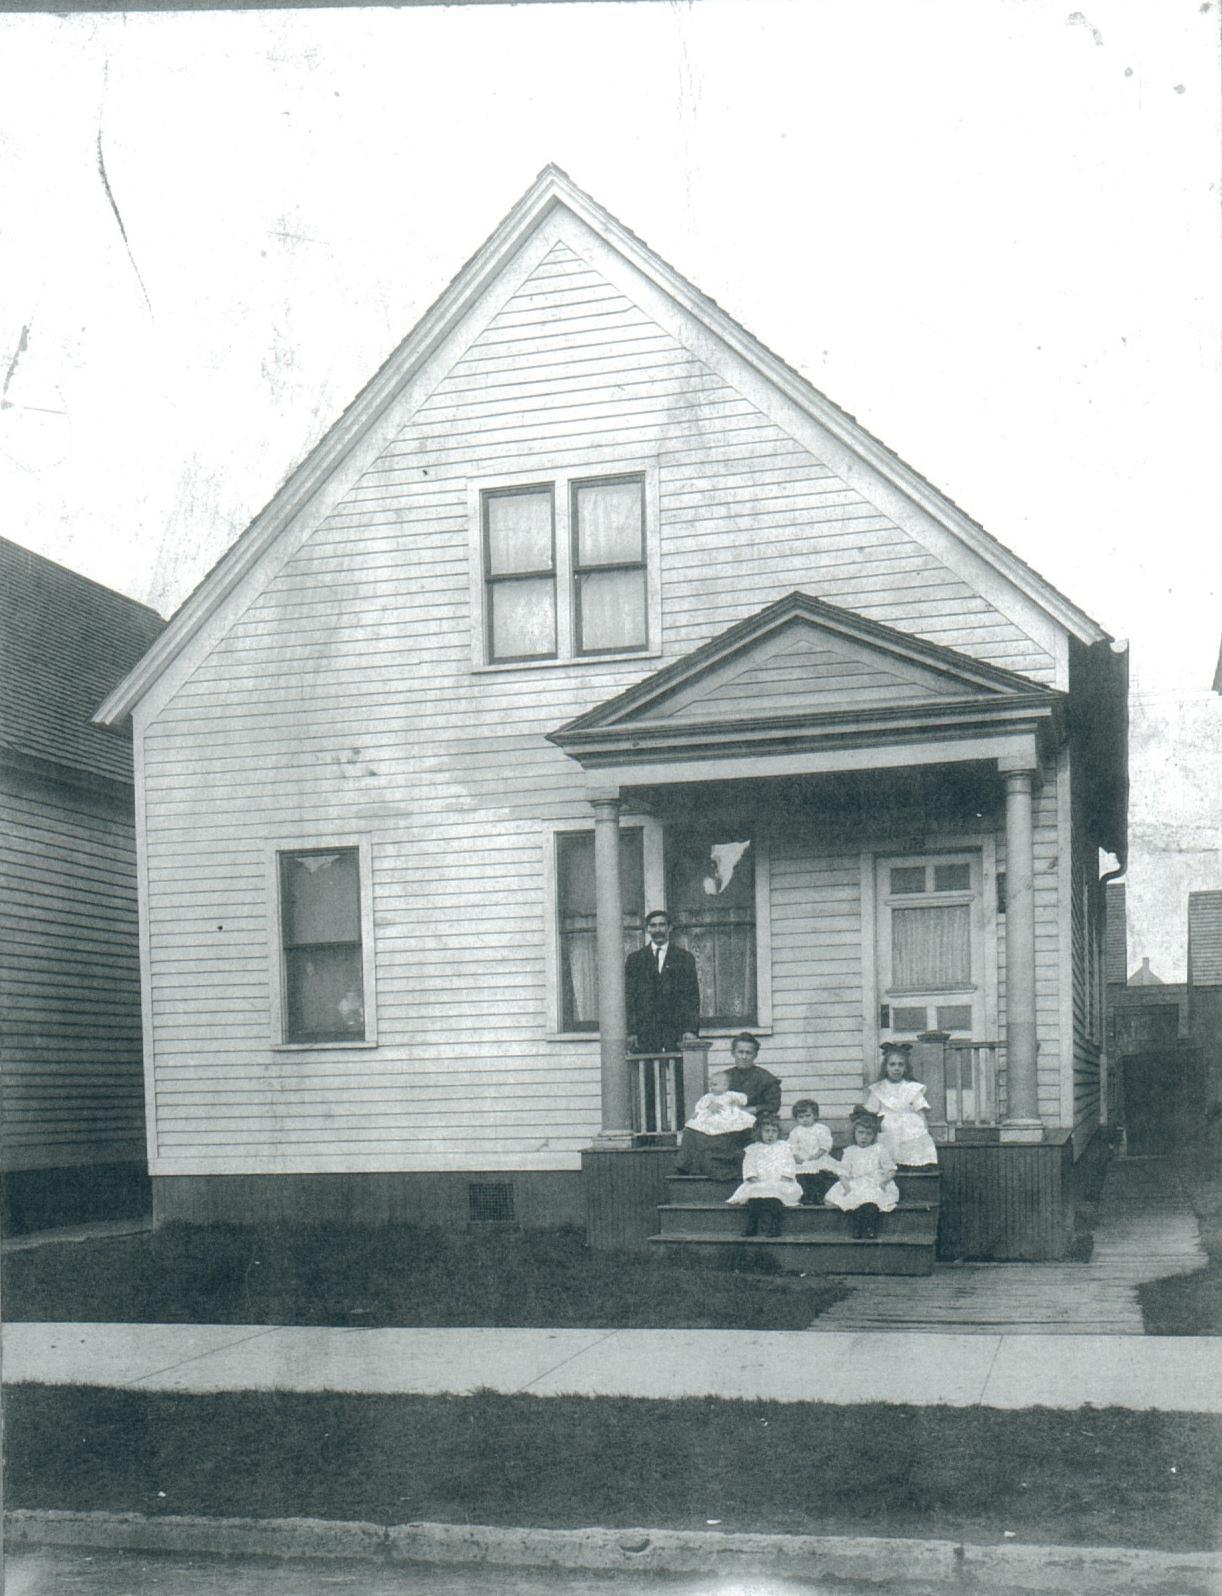 Pawlowski Family on Dubois St. in Detroit, MI - around 1910-1915